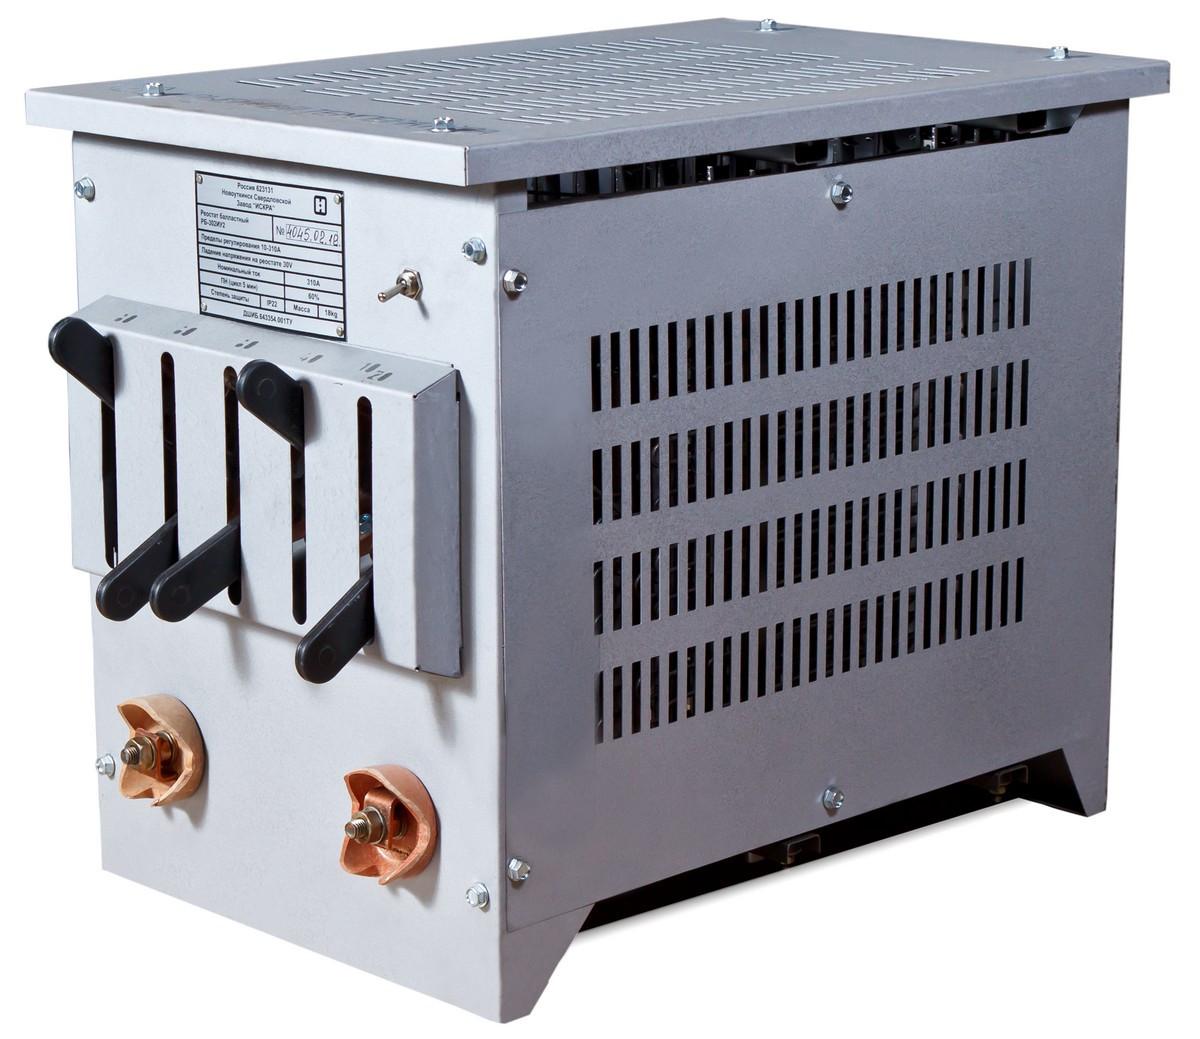 Баластники сварочные: реостат для сварки, как подключить аппарат и регулировка тока по вторичке